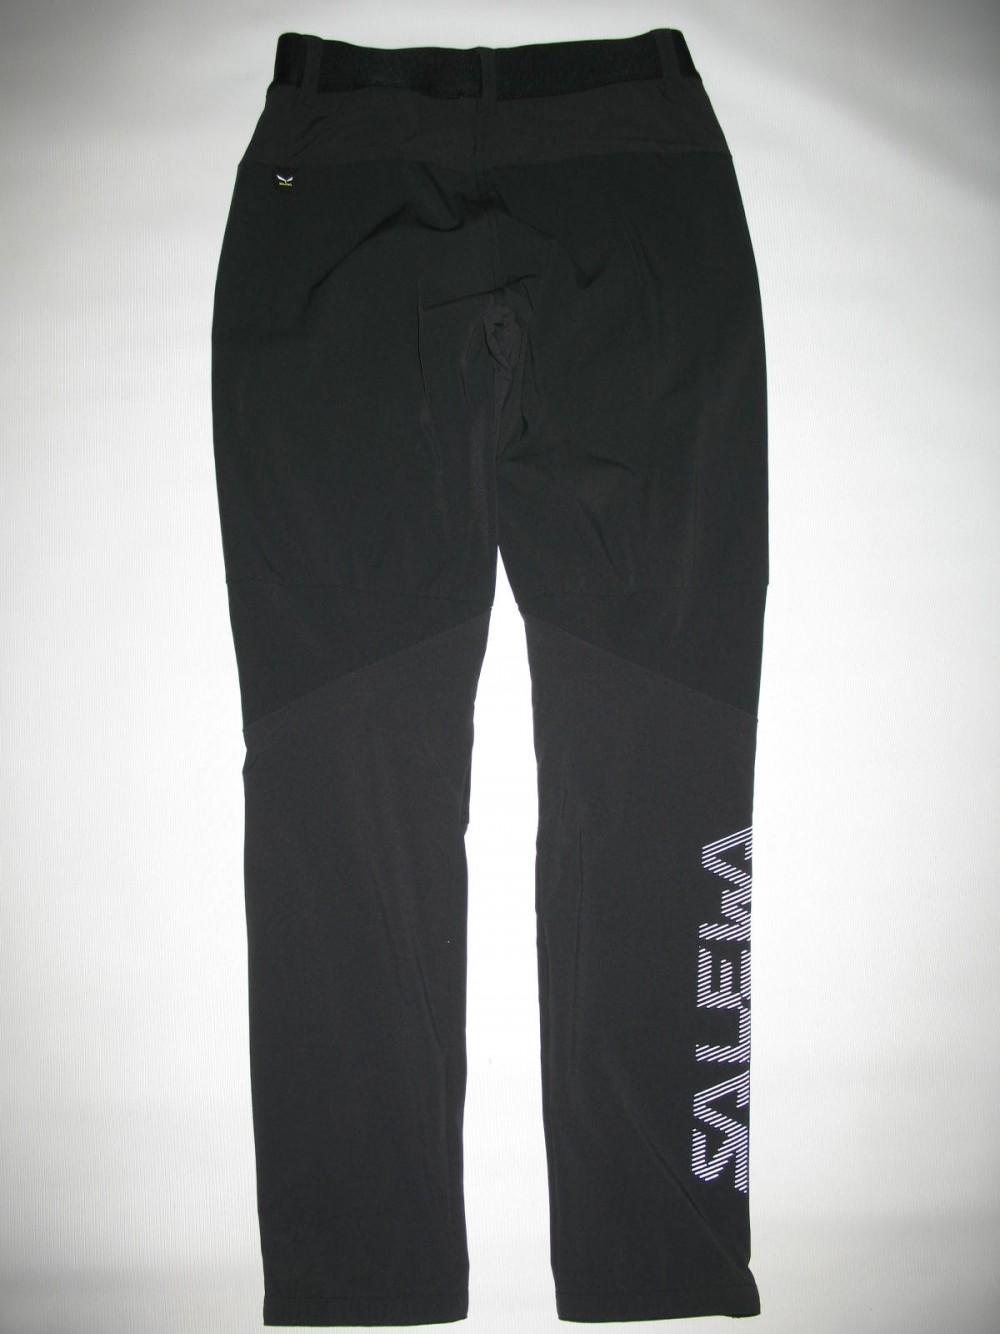 Штаны SALEWA pedroc pants lady (размер 36/S) - 2